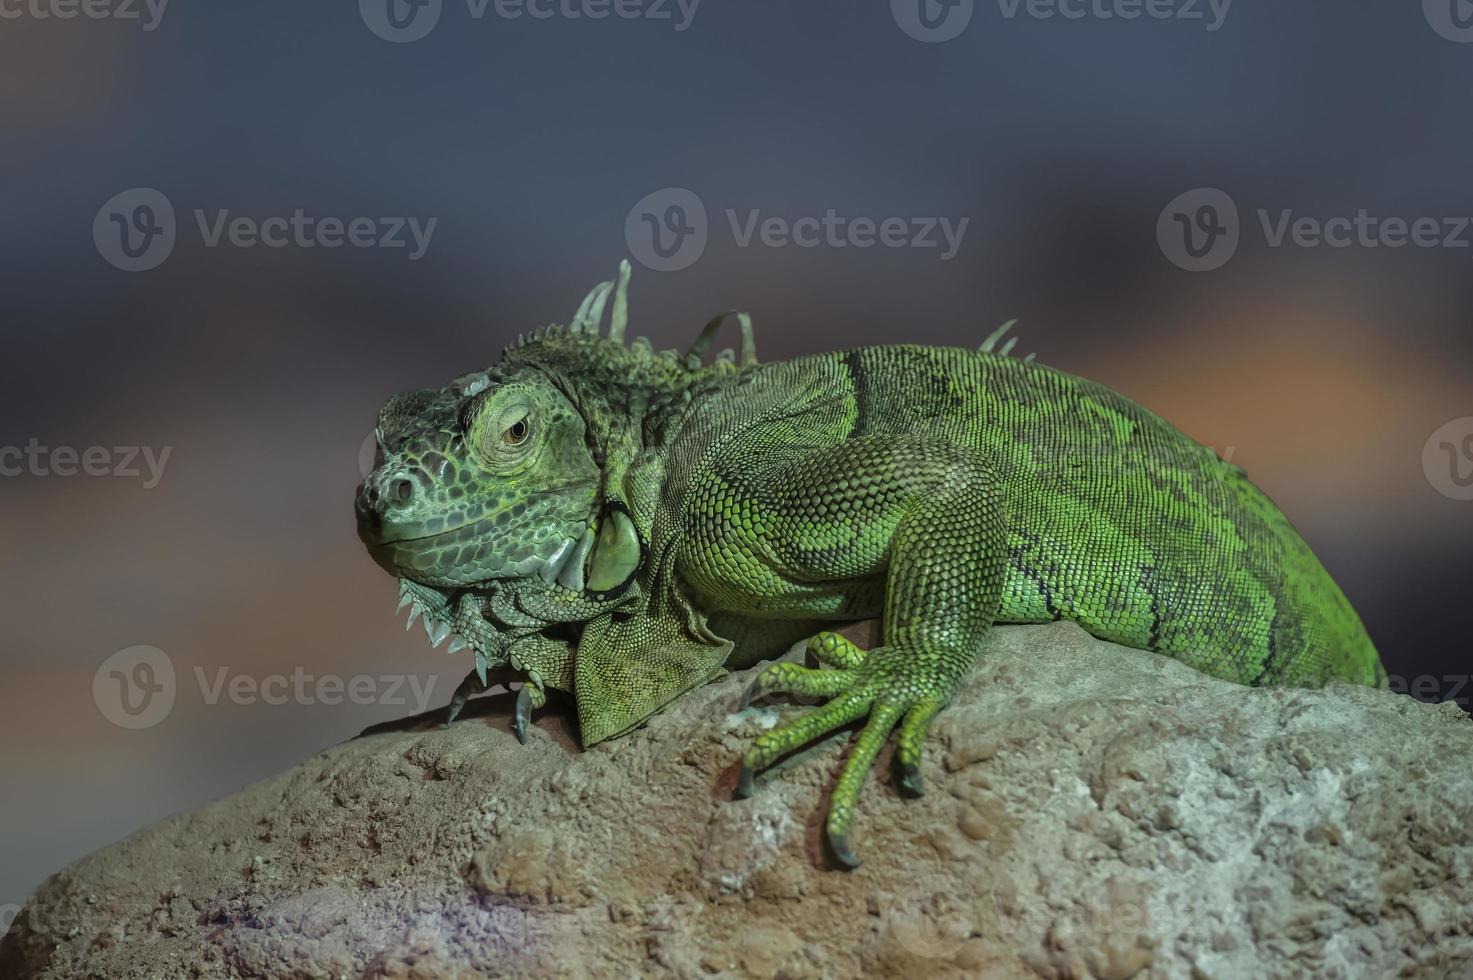 große grüne Eidechse sitzt auf einem Felsen foto